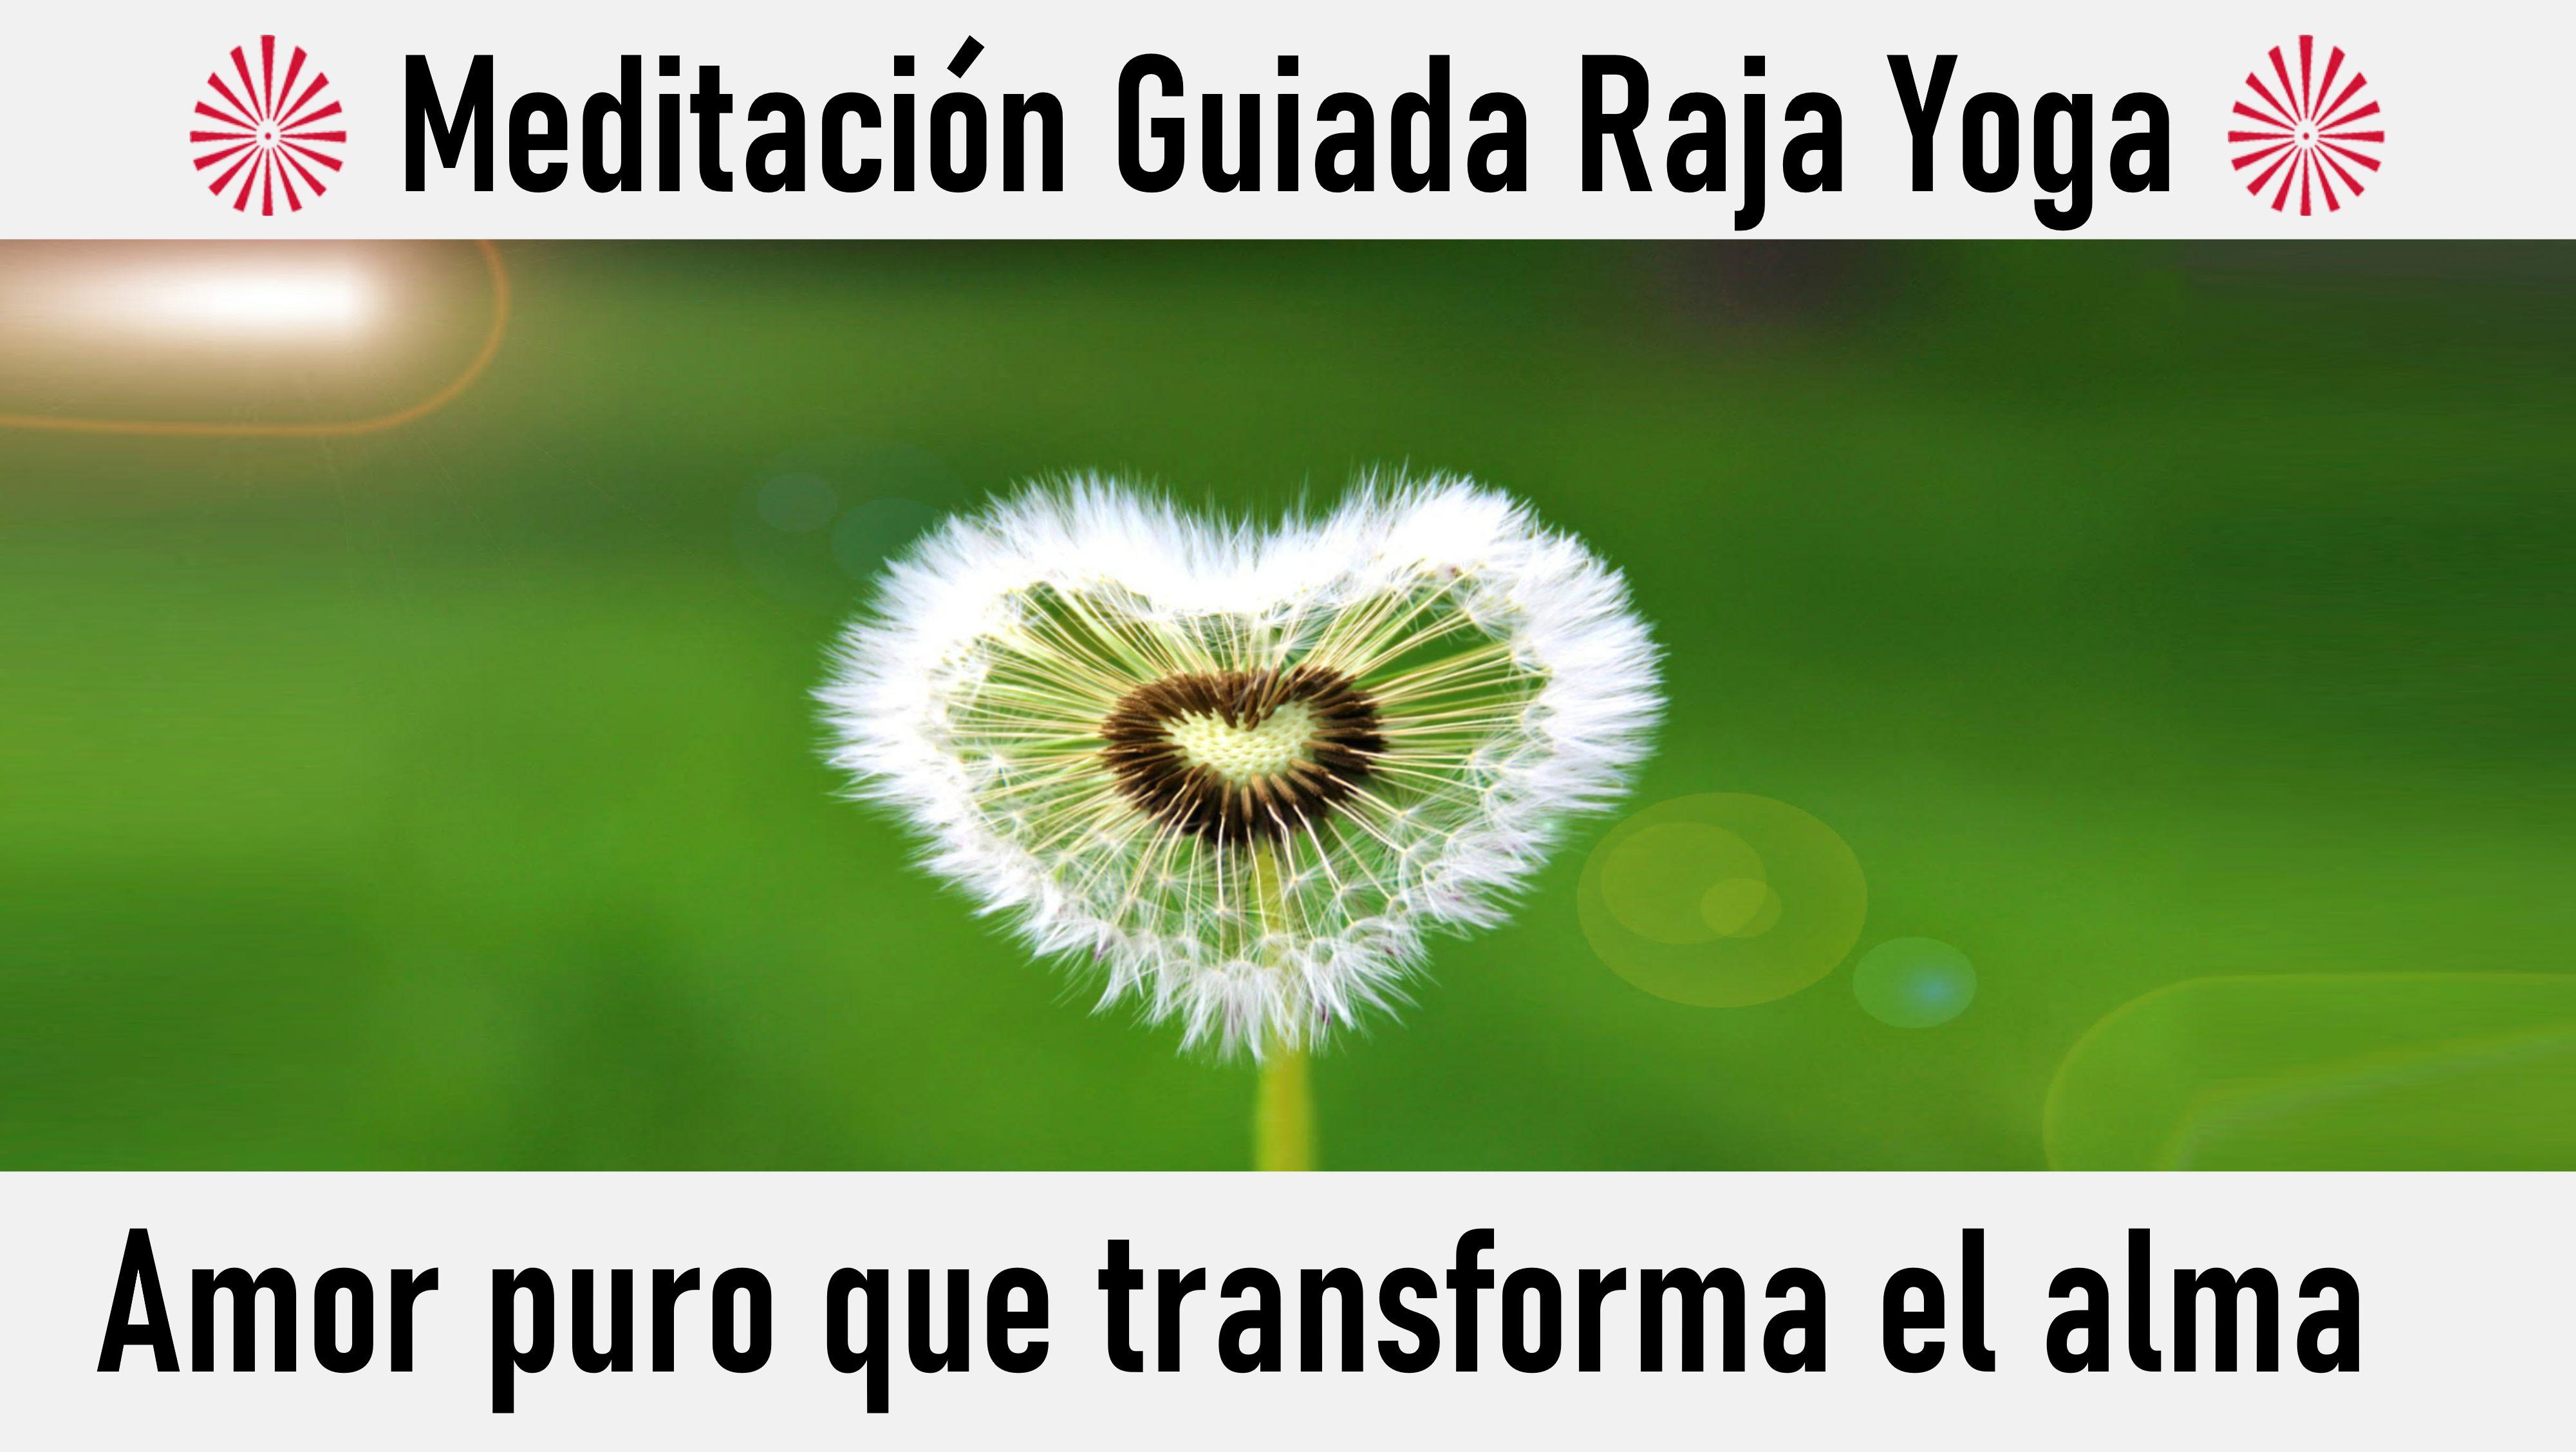 14 Junio 2020 Meditación Guiada: Amor puro que transforma el alma